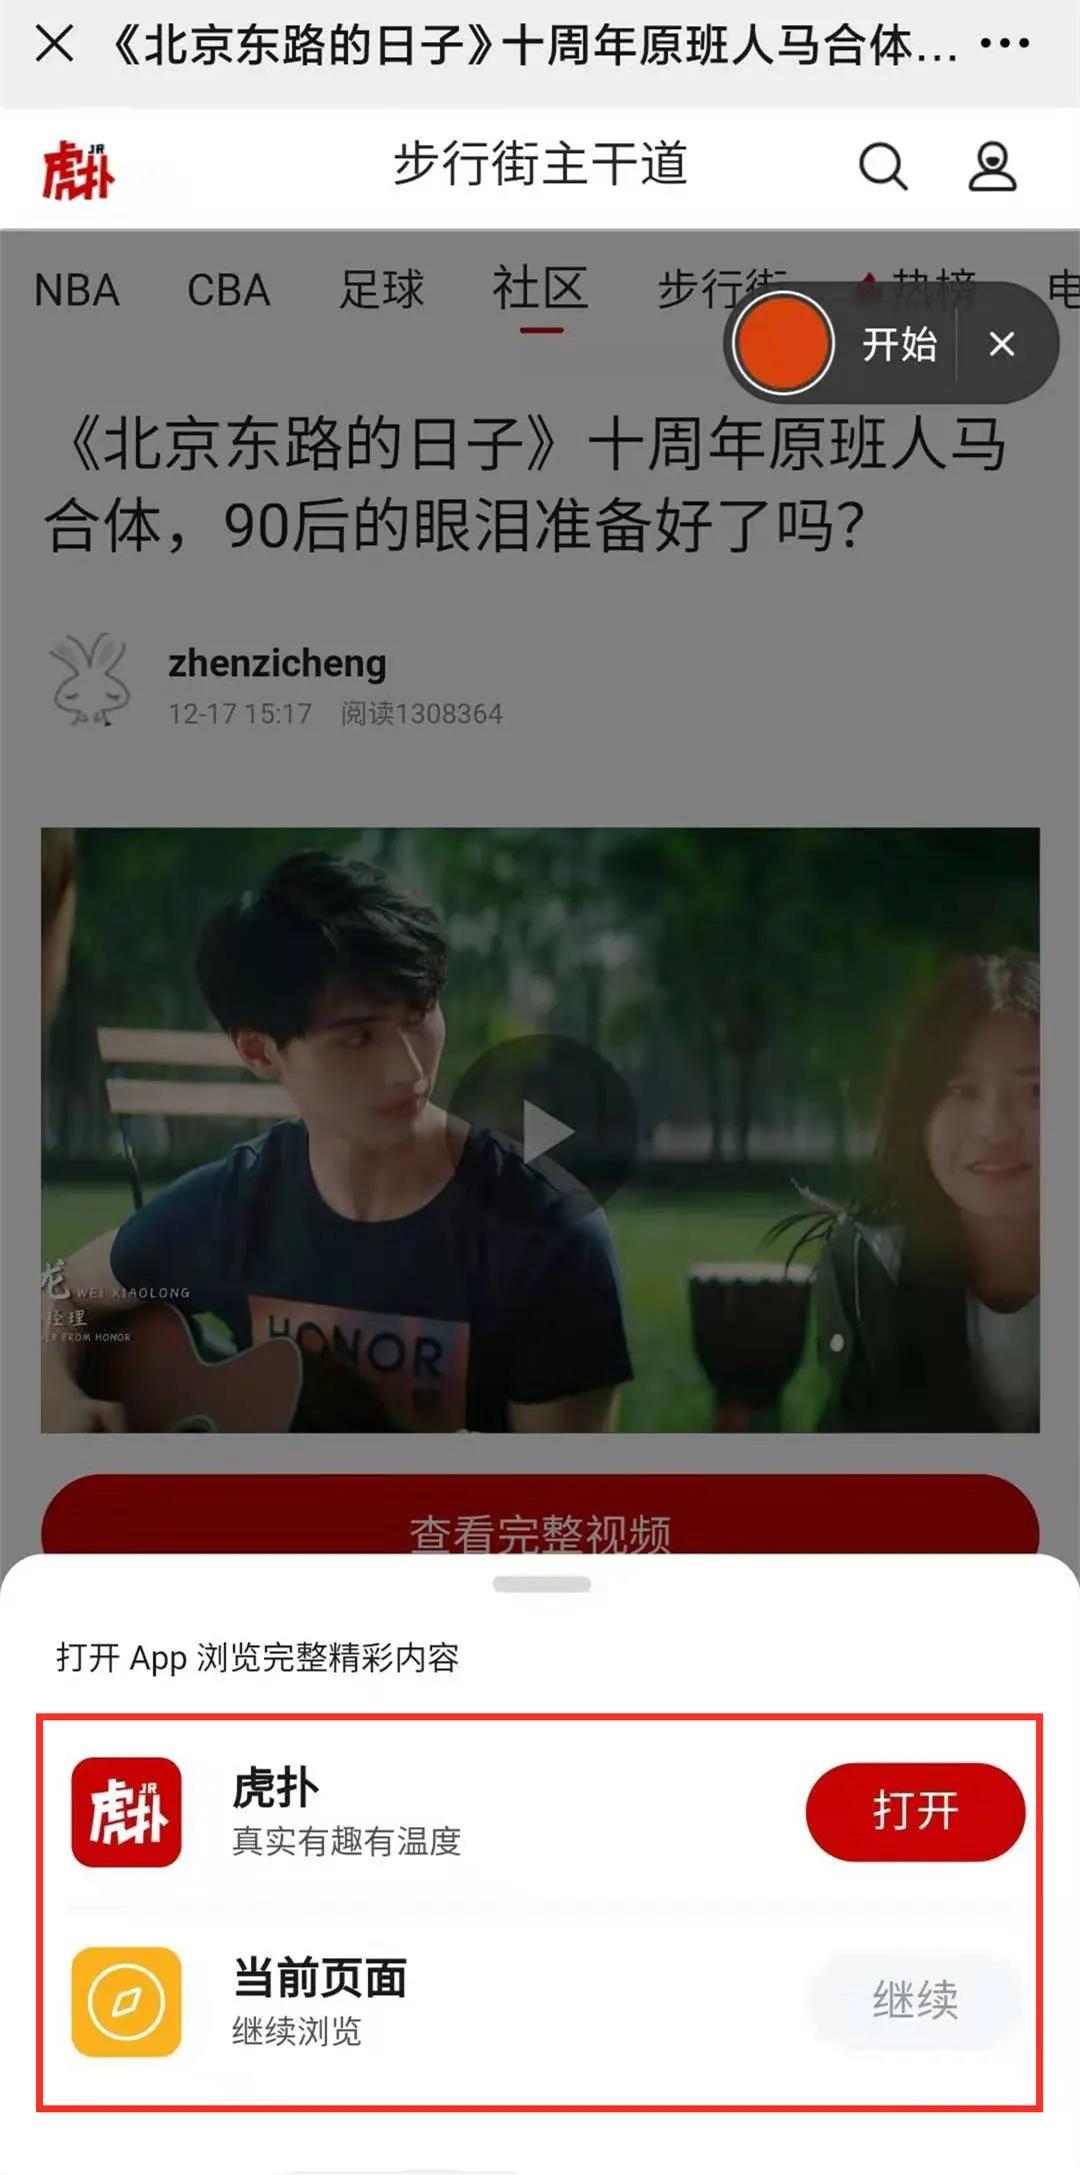 腾讯:我疯起来连我自己都打!微信宣布封杀QQ音乐/拼多多等域名链接-第5张